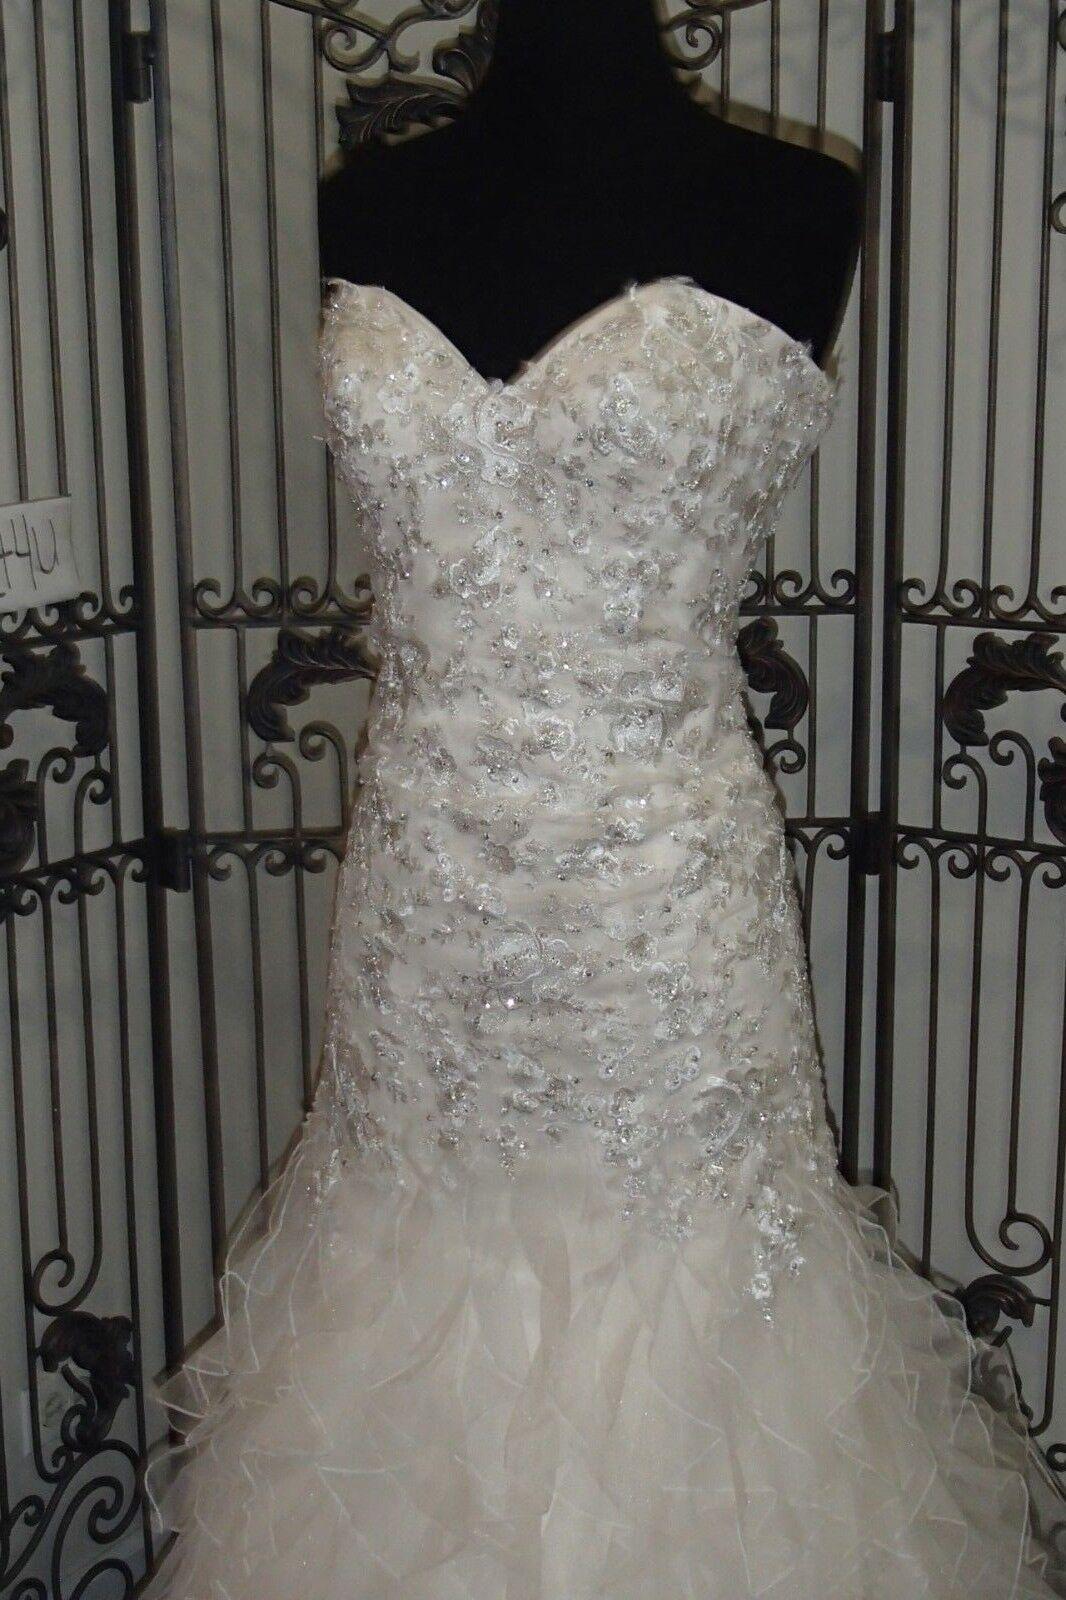 1040w Chloe Girlande 1097c Sz 12 Formell Hochzeit Kleid Brautkleider Kleidung & Accessoires